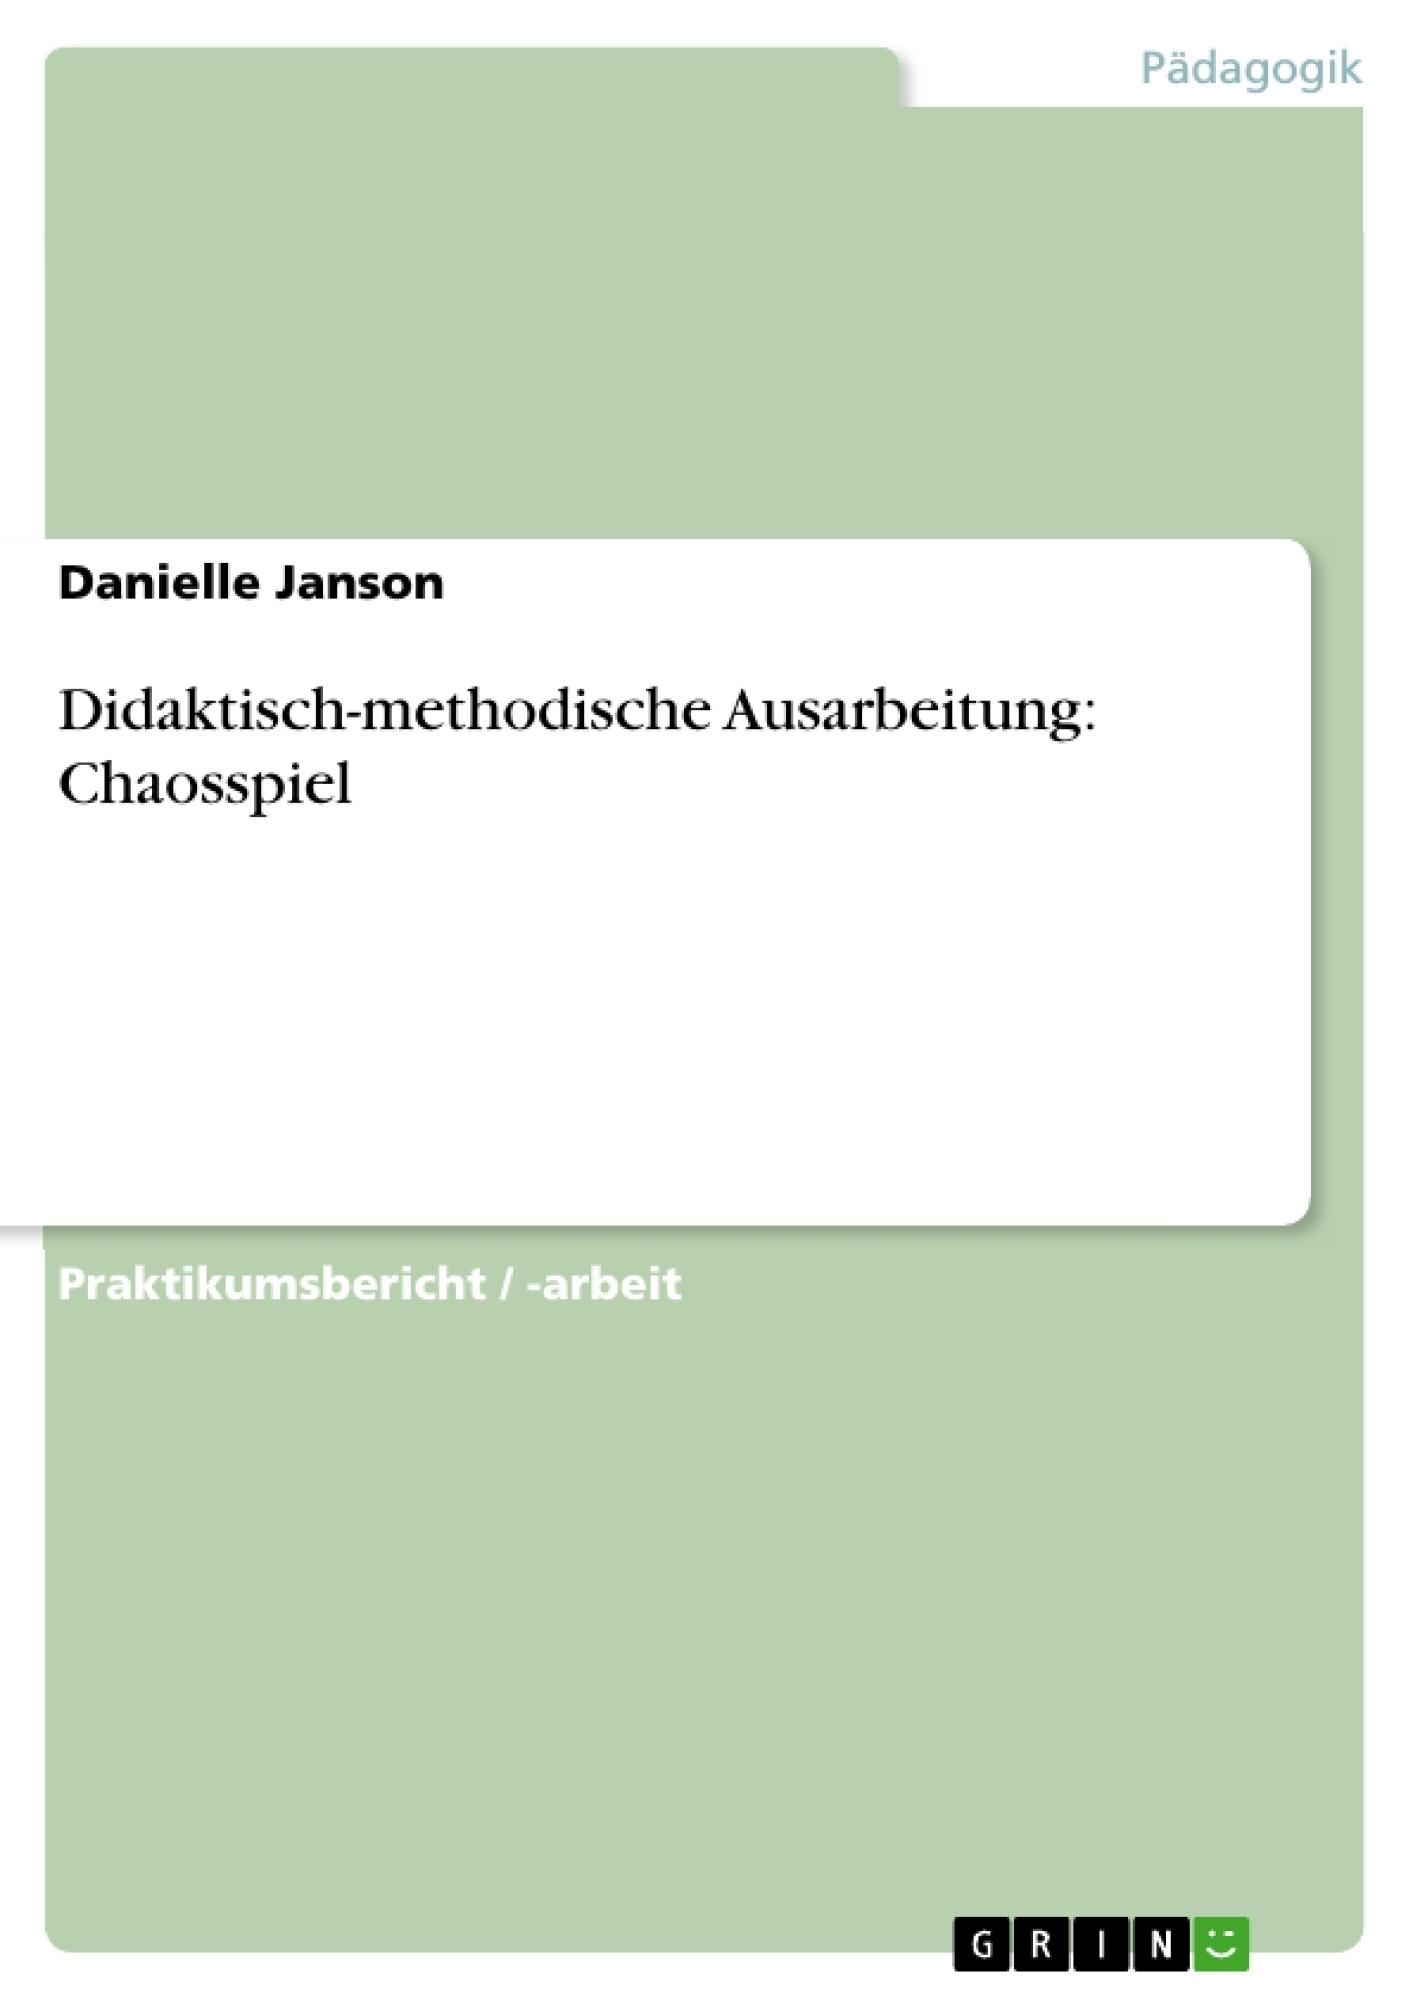 Titel: Didaktisch-methodische Ausarbeitung: Chaosspiel